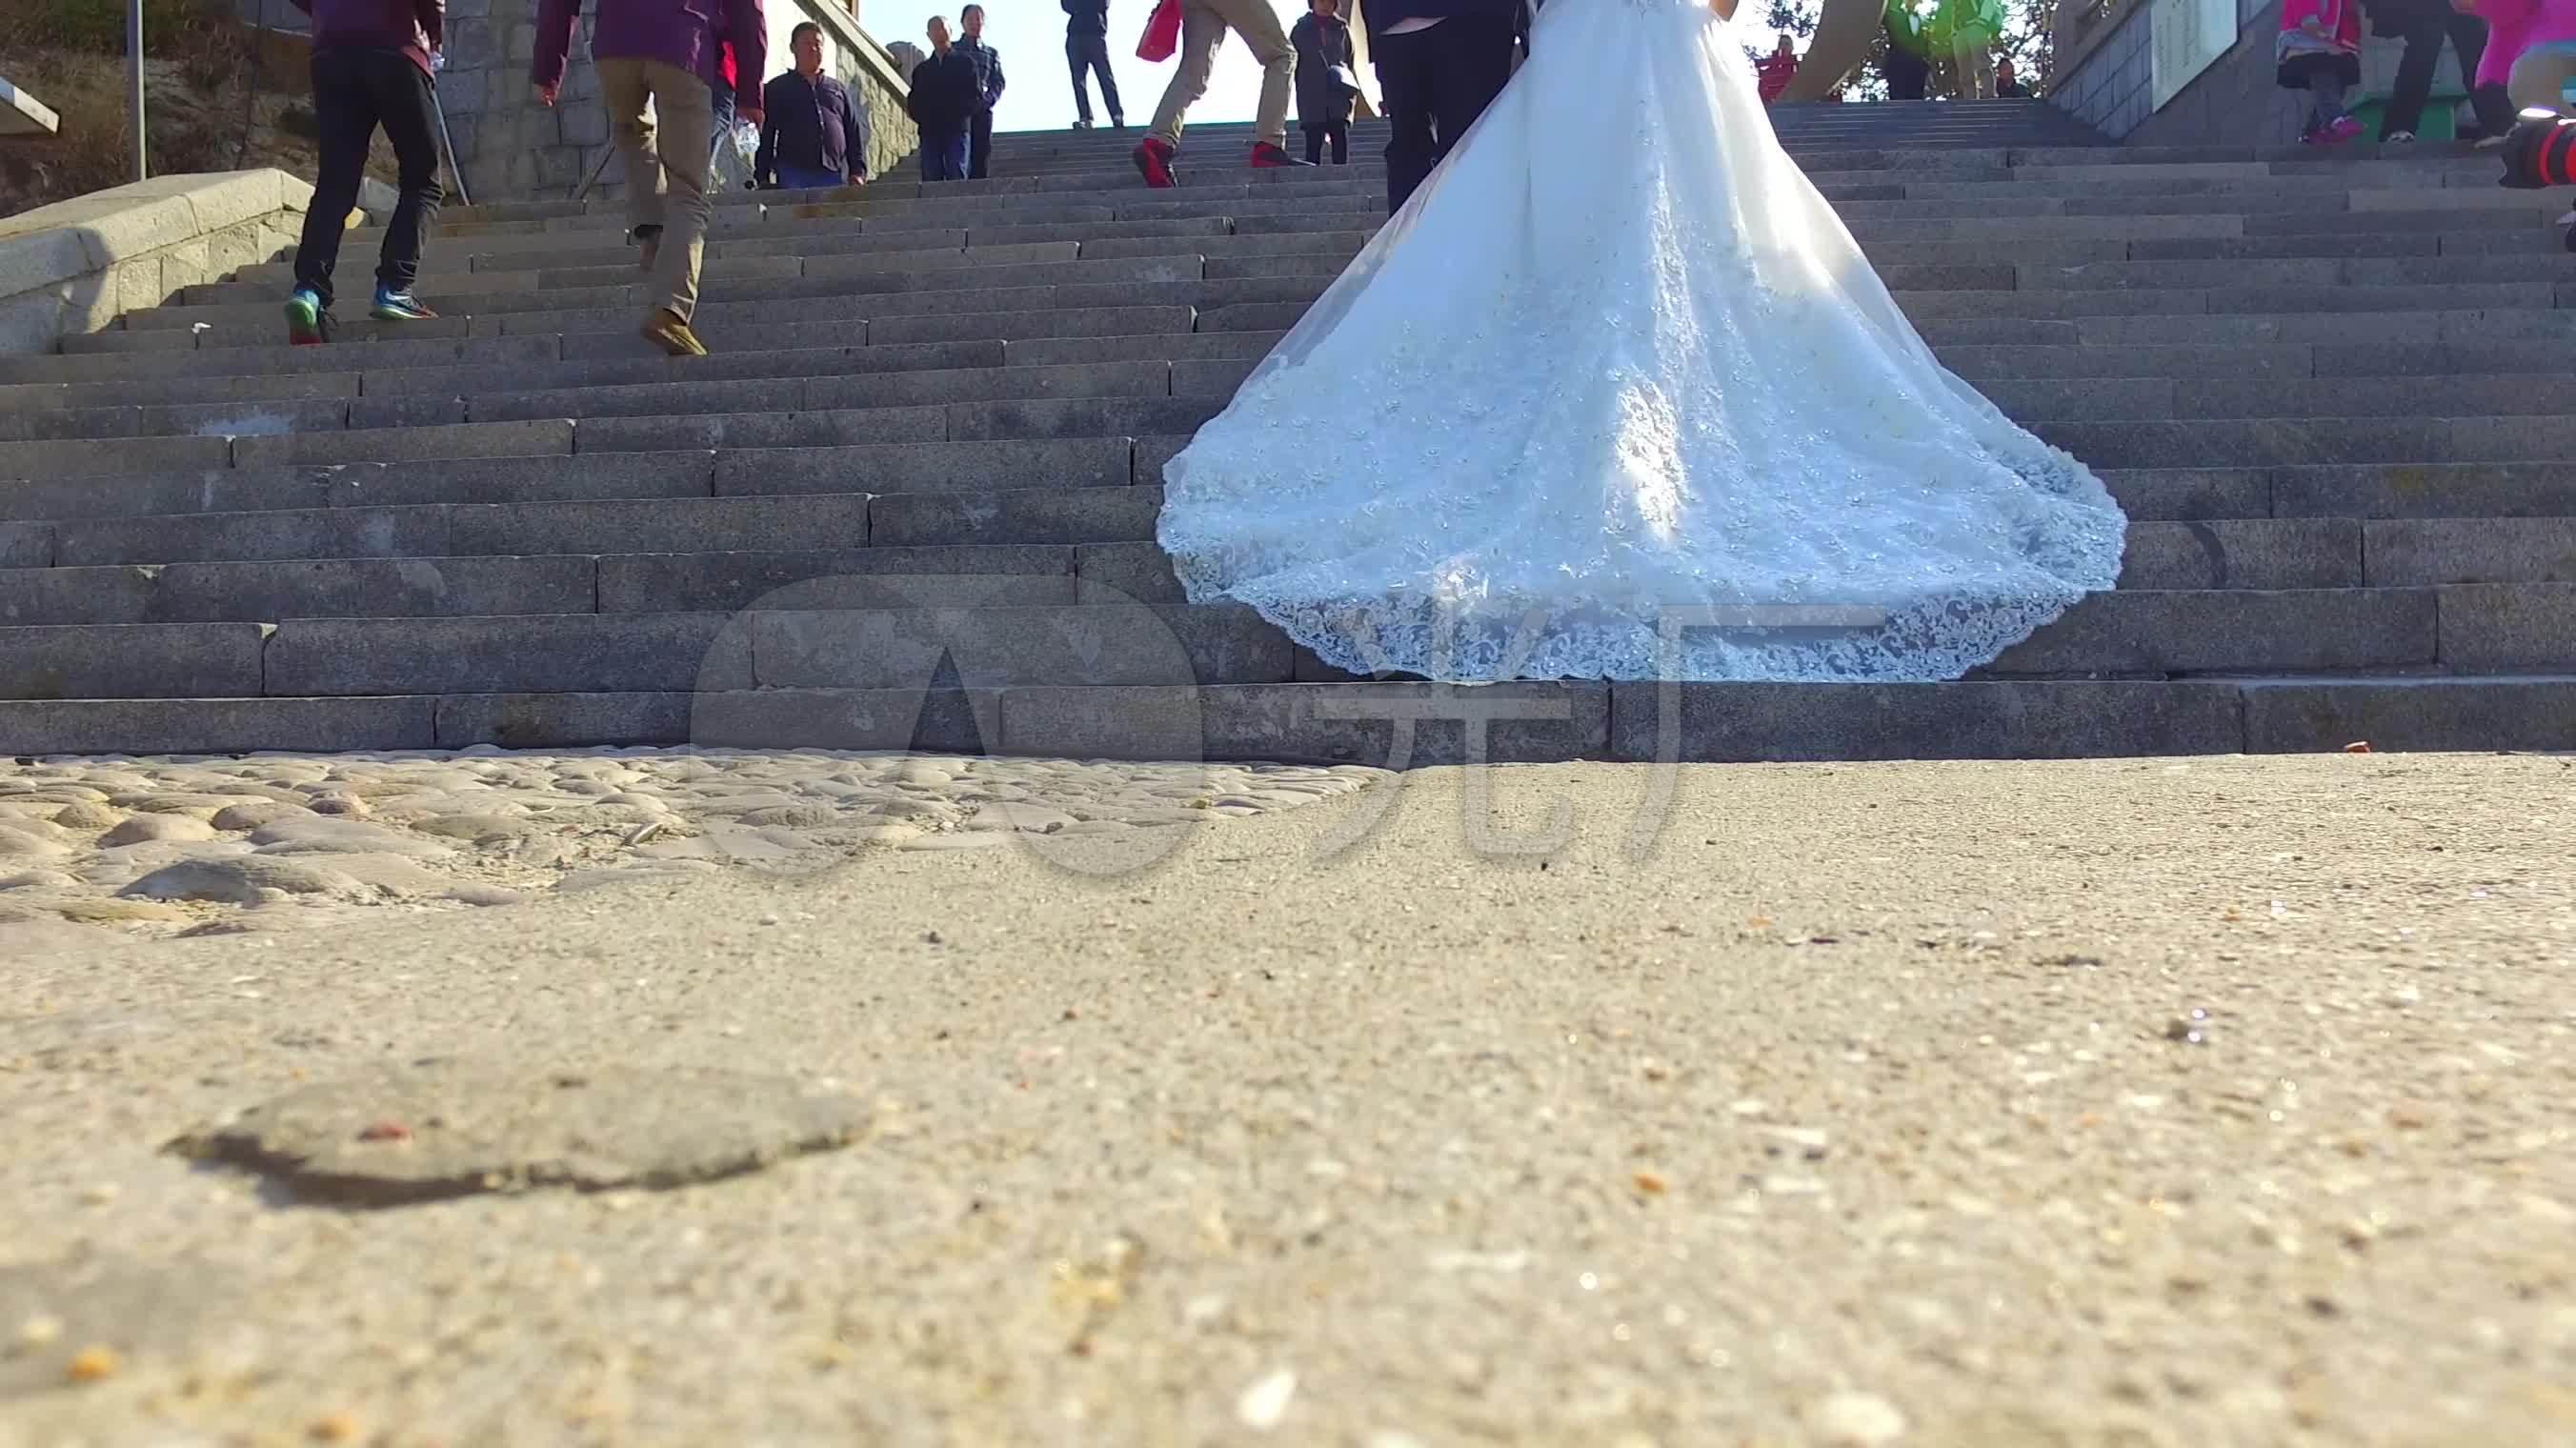 婚纱照拍婚纱照v婚庆婚庆结婚仪_2704X1视频扇闻法图片